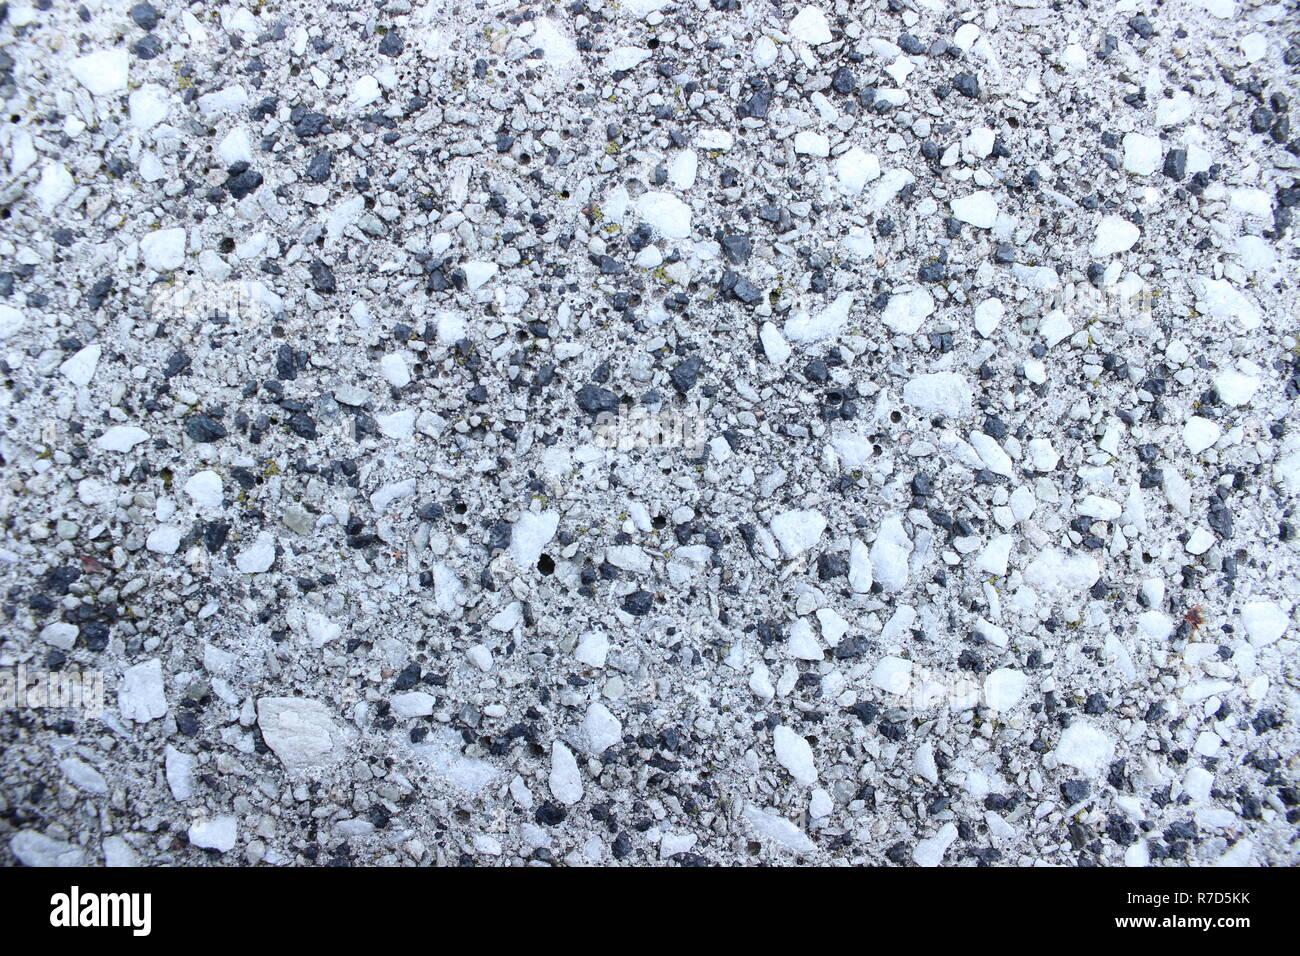 Rock Boden Textur Gute Darstellung Einer Burgersteig Oder Kies